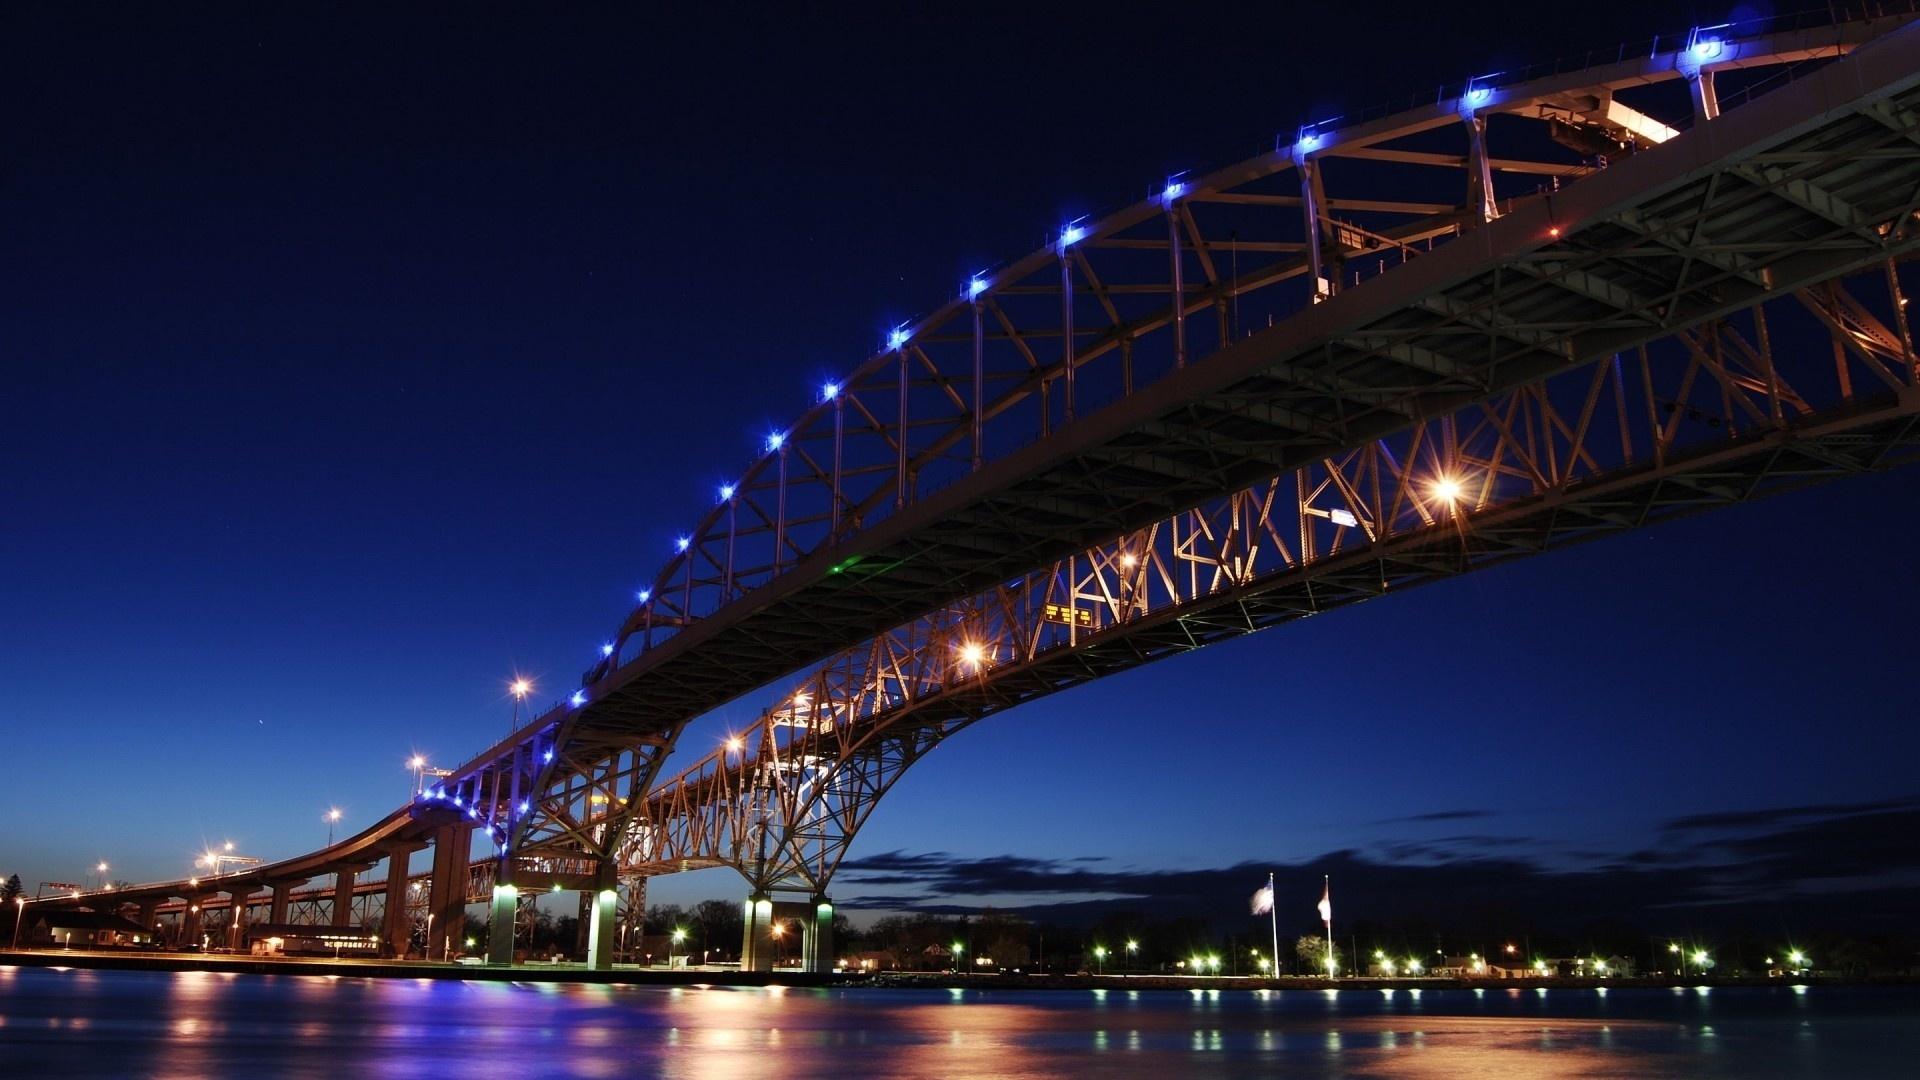 лучший, картинка ночной мост для телефона пляжа нет особо